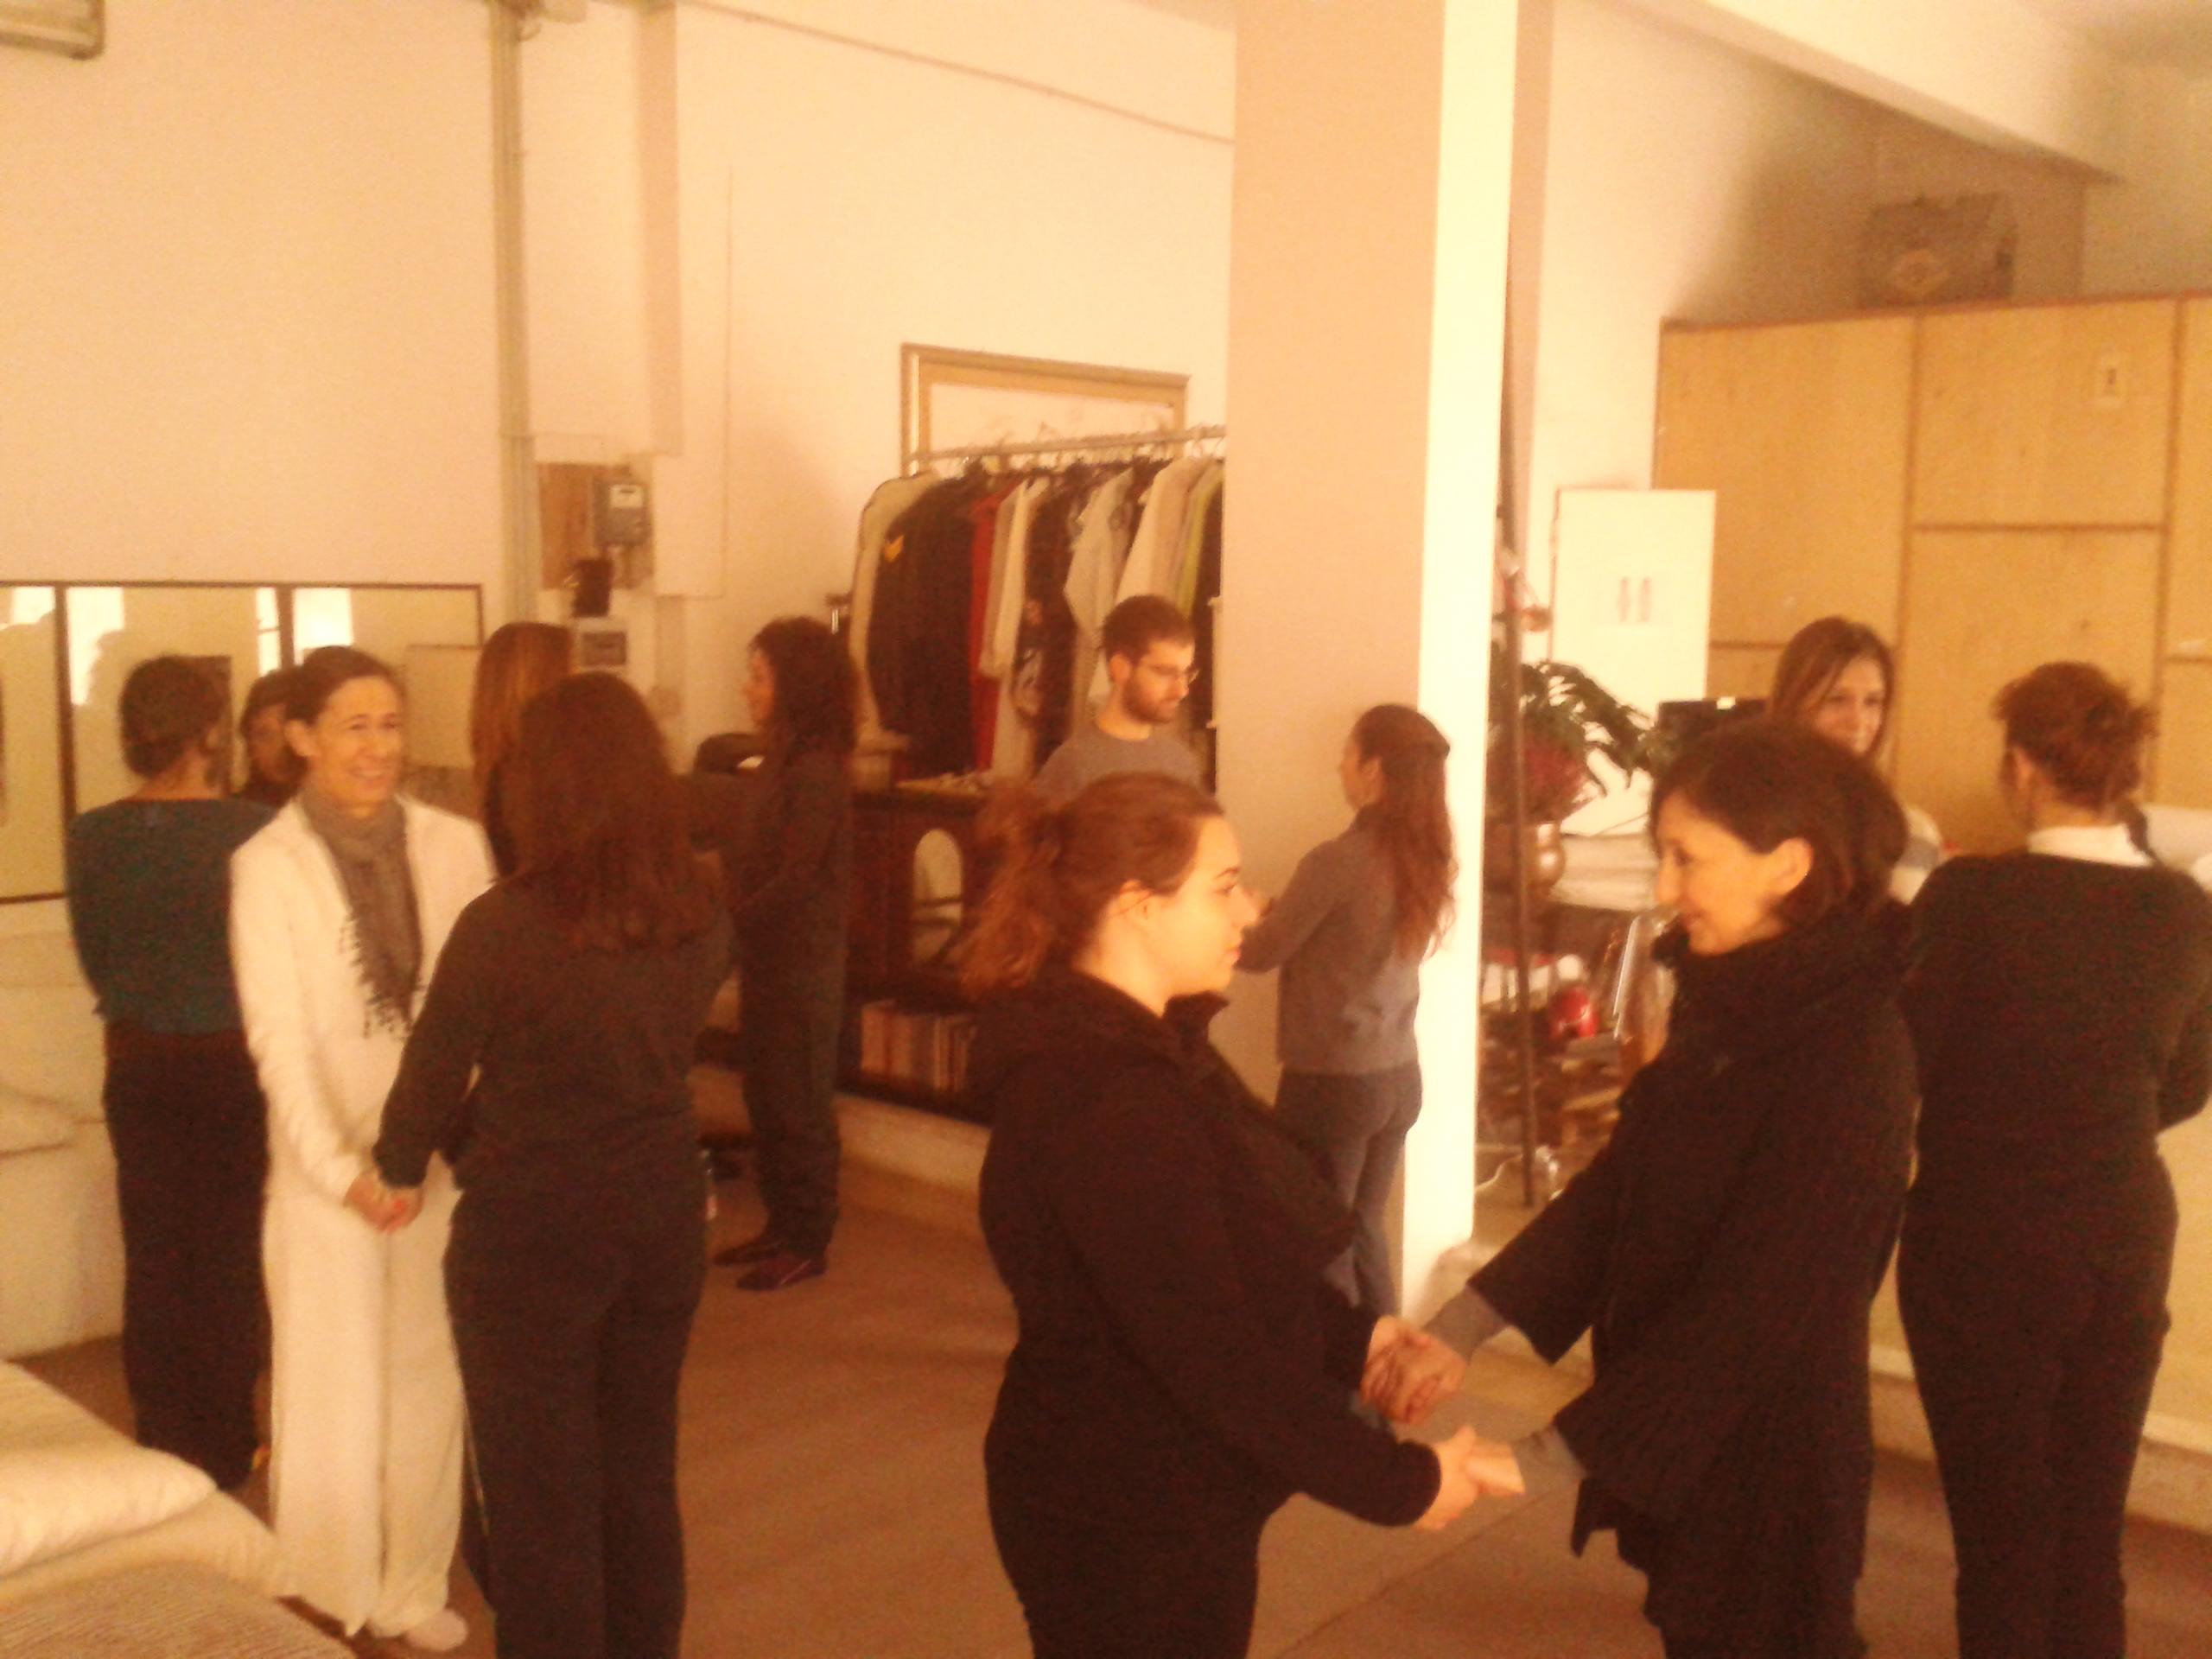 talleres de meditación y crecimiento personal colombia elvio rocchi